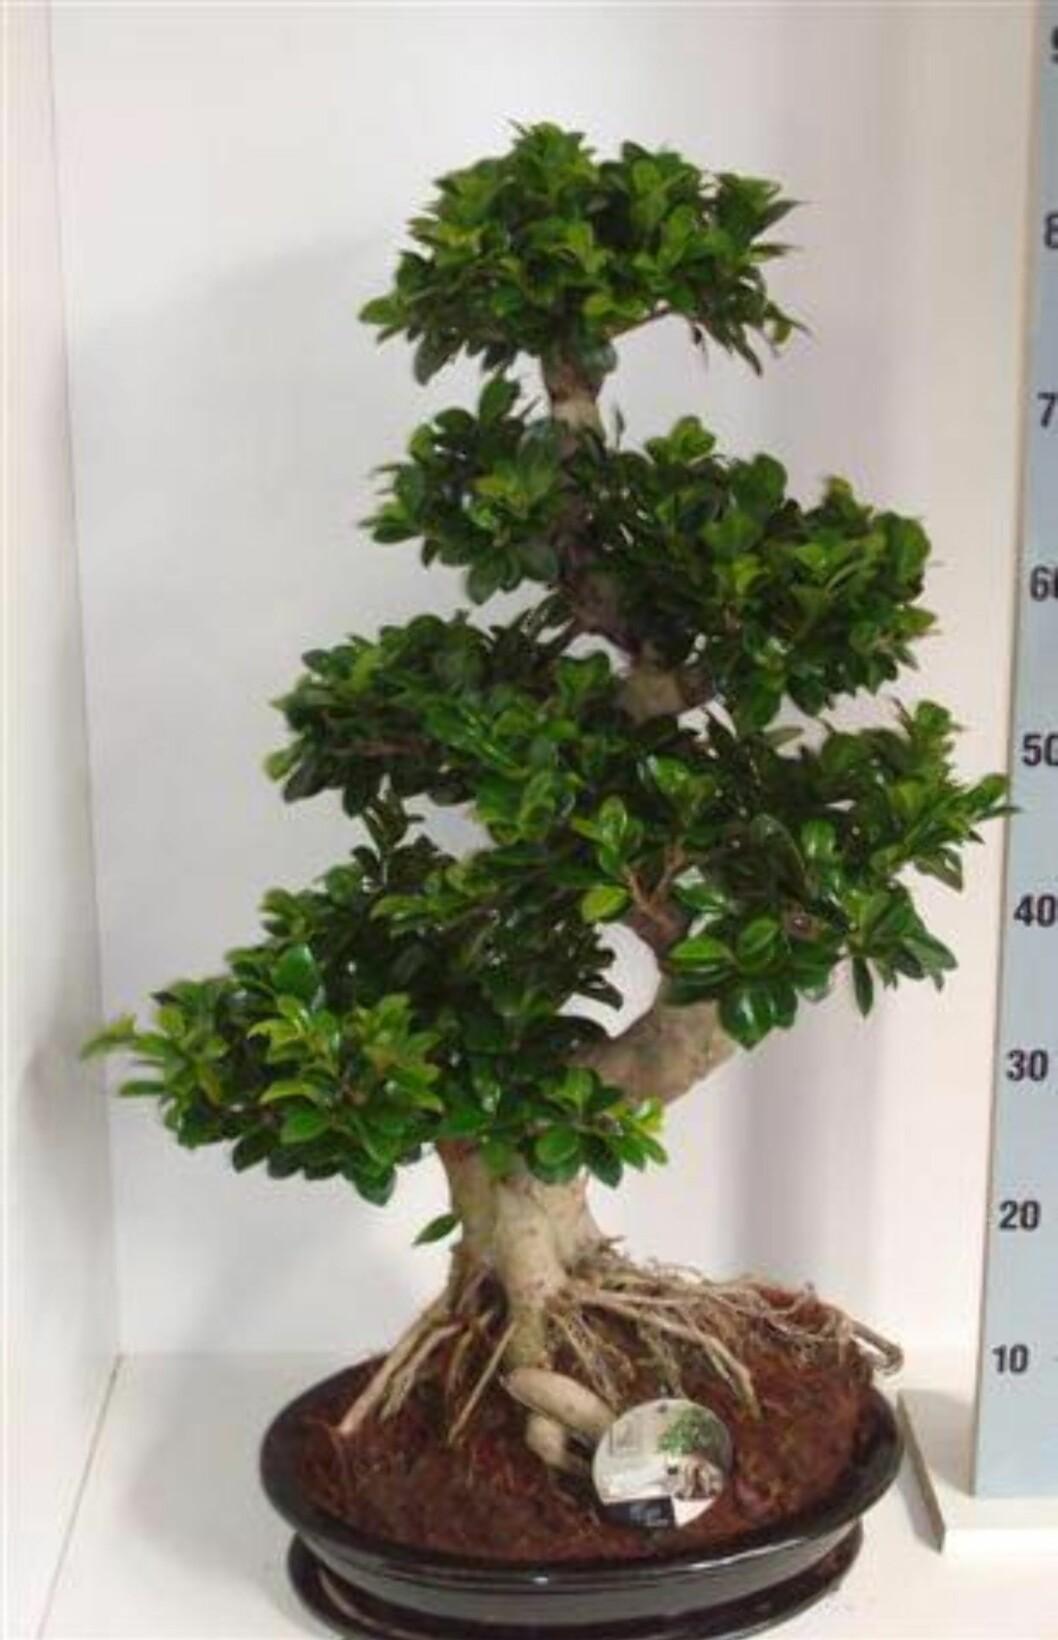 <strong><b>Ficus Ginseng:</strong></b> Dette er vår tids mest moderne bonsai, ifølge Mester Grønn. Disse er mer robust og tåler bedre tørke en de tradisjonelle bonsai-typene. Planten finnes i mange størrelser og varianter. Foto: Mester Grønn